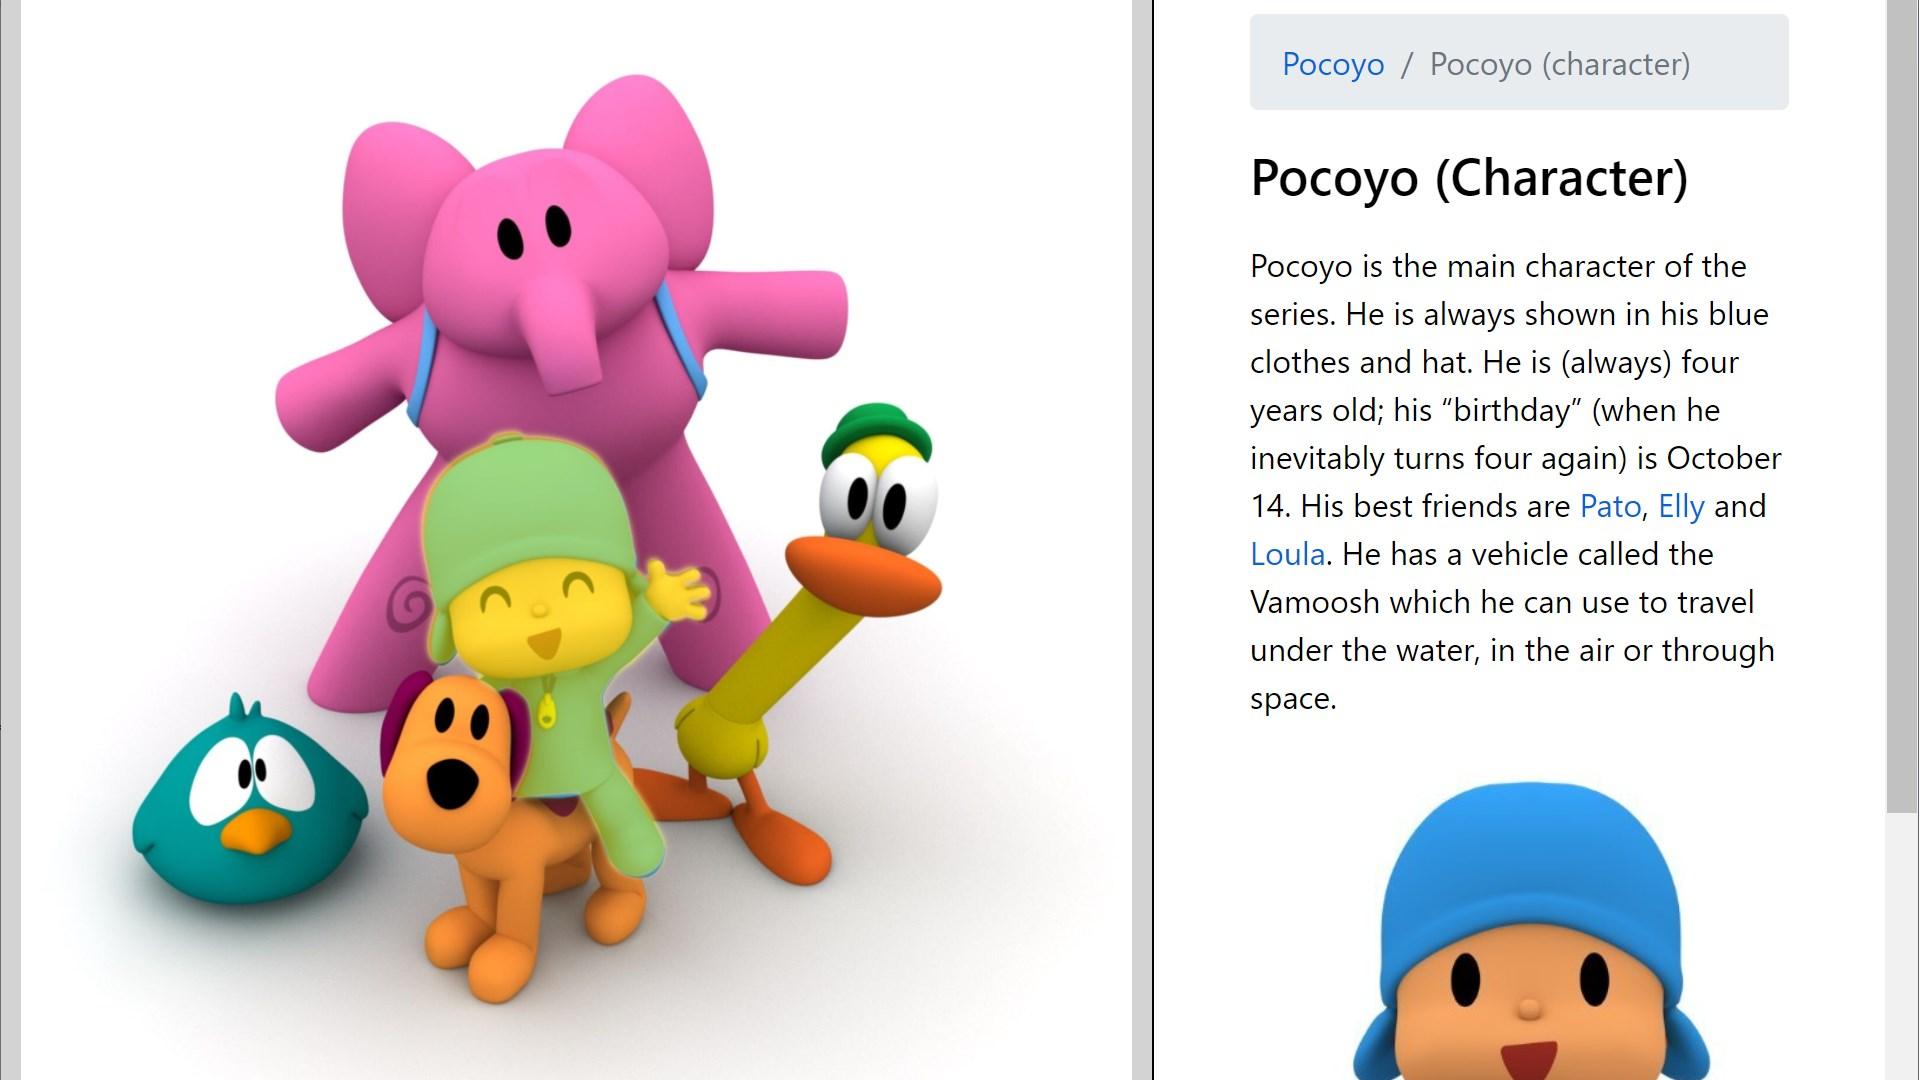 Exd Pic - App per Windows - Crea immagini interattive